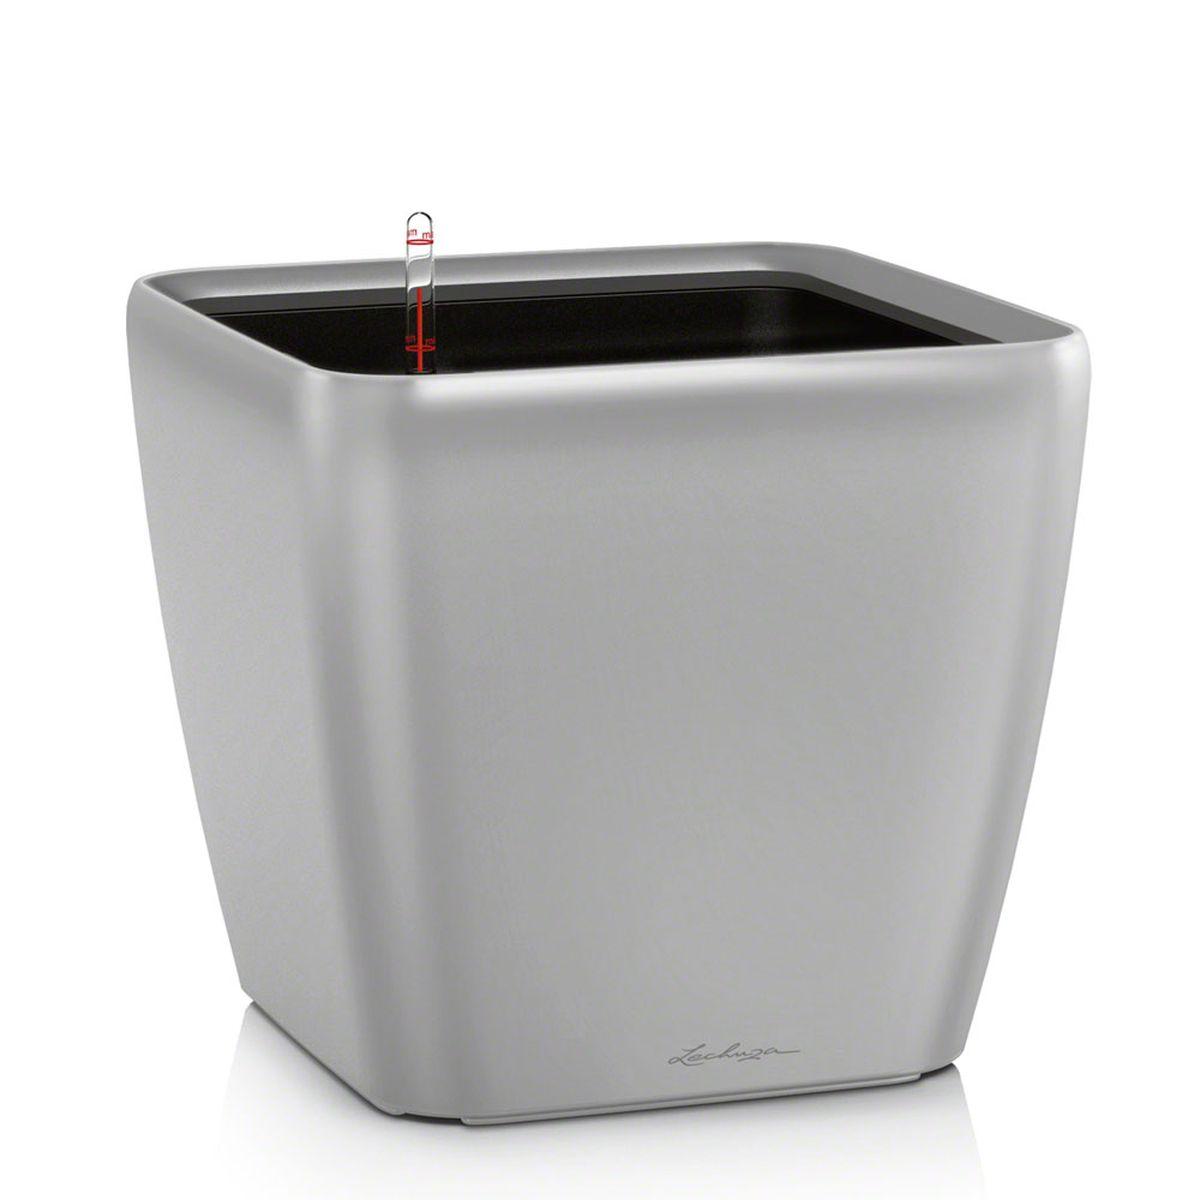 Кашпо Lechuza Quadro, с системой автополива, цвет: серебристый, 33 х 33 х 35 см16168Кашпо Lechuza Quadro, выполненное из высококачественного пластика, имеет уникальную систему автополива, благодаря которой корневая система растения непрерывно снабжается влагой из резервуара. Уровень воды в резервуаре контролируется с помощью специального индикатора. В зависимости от размера кашпо и растения воды хватает на 2-12 недель. Это способствует хорошему росту цветов и предотвращает переувлажнение.В набор входит: кашпо, внутренний горшок, индикатор уровня воды, вал подачи воды, субстрат растений в качестве дренажного слоя, резервуар для воды.Кашпо Lechuza Quadro прекрасно впишется в любой интерьер. Оно поможет расставить нужные акценты и придаст помещению вид, соответствующий вашим представлениям.